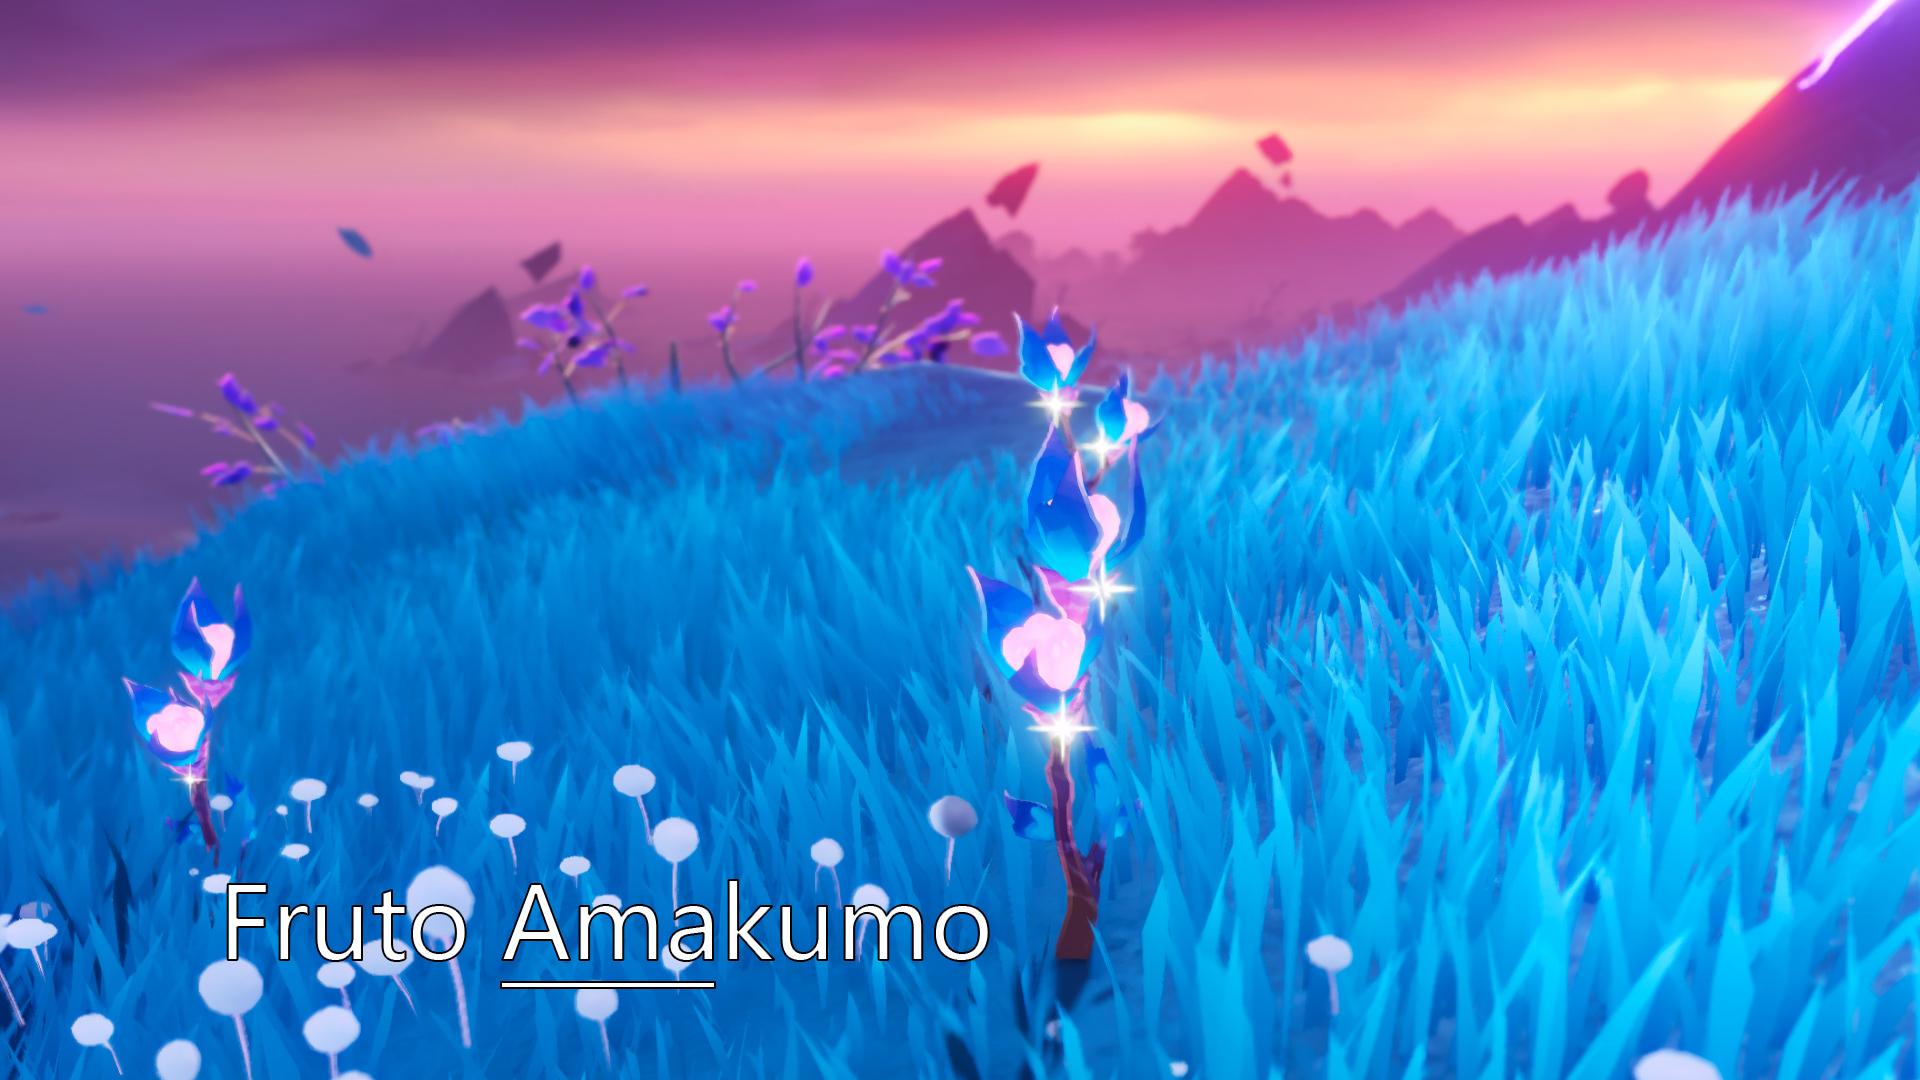 genshin impact fruto amakumo portada